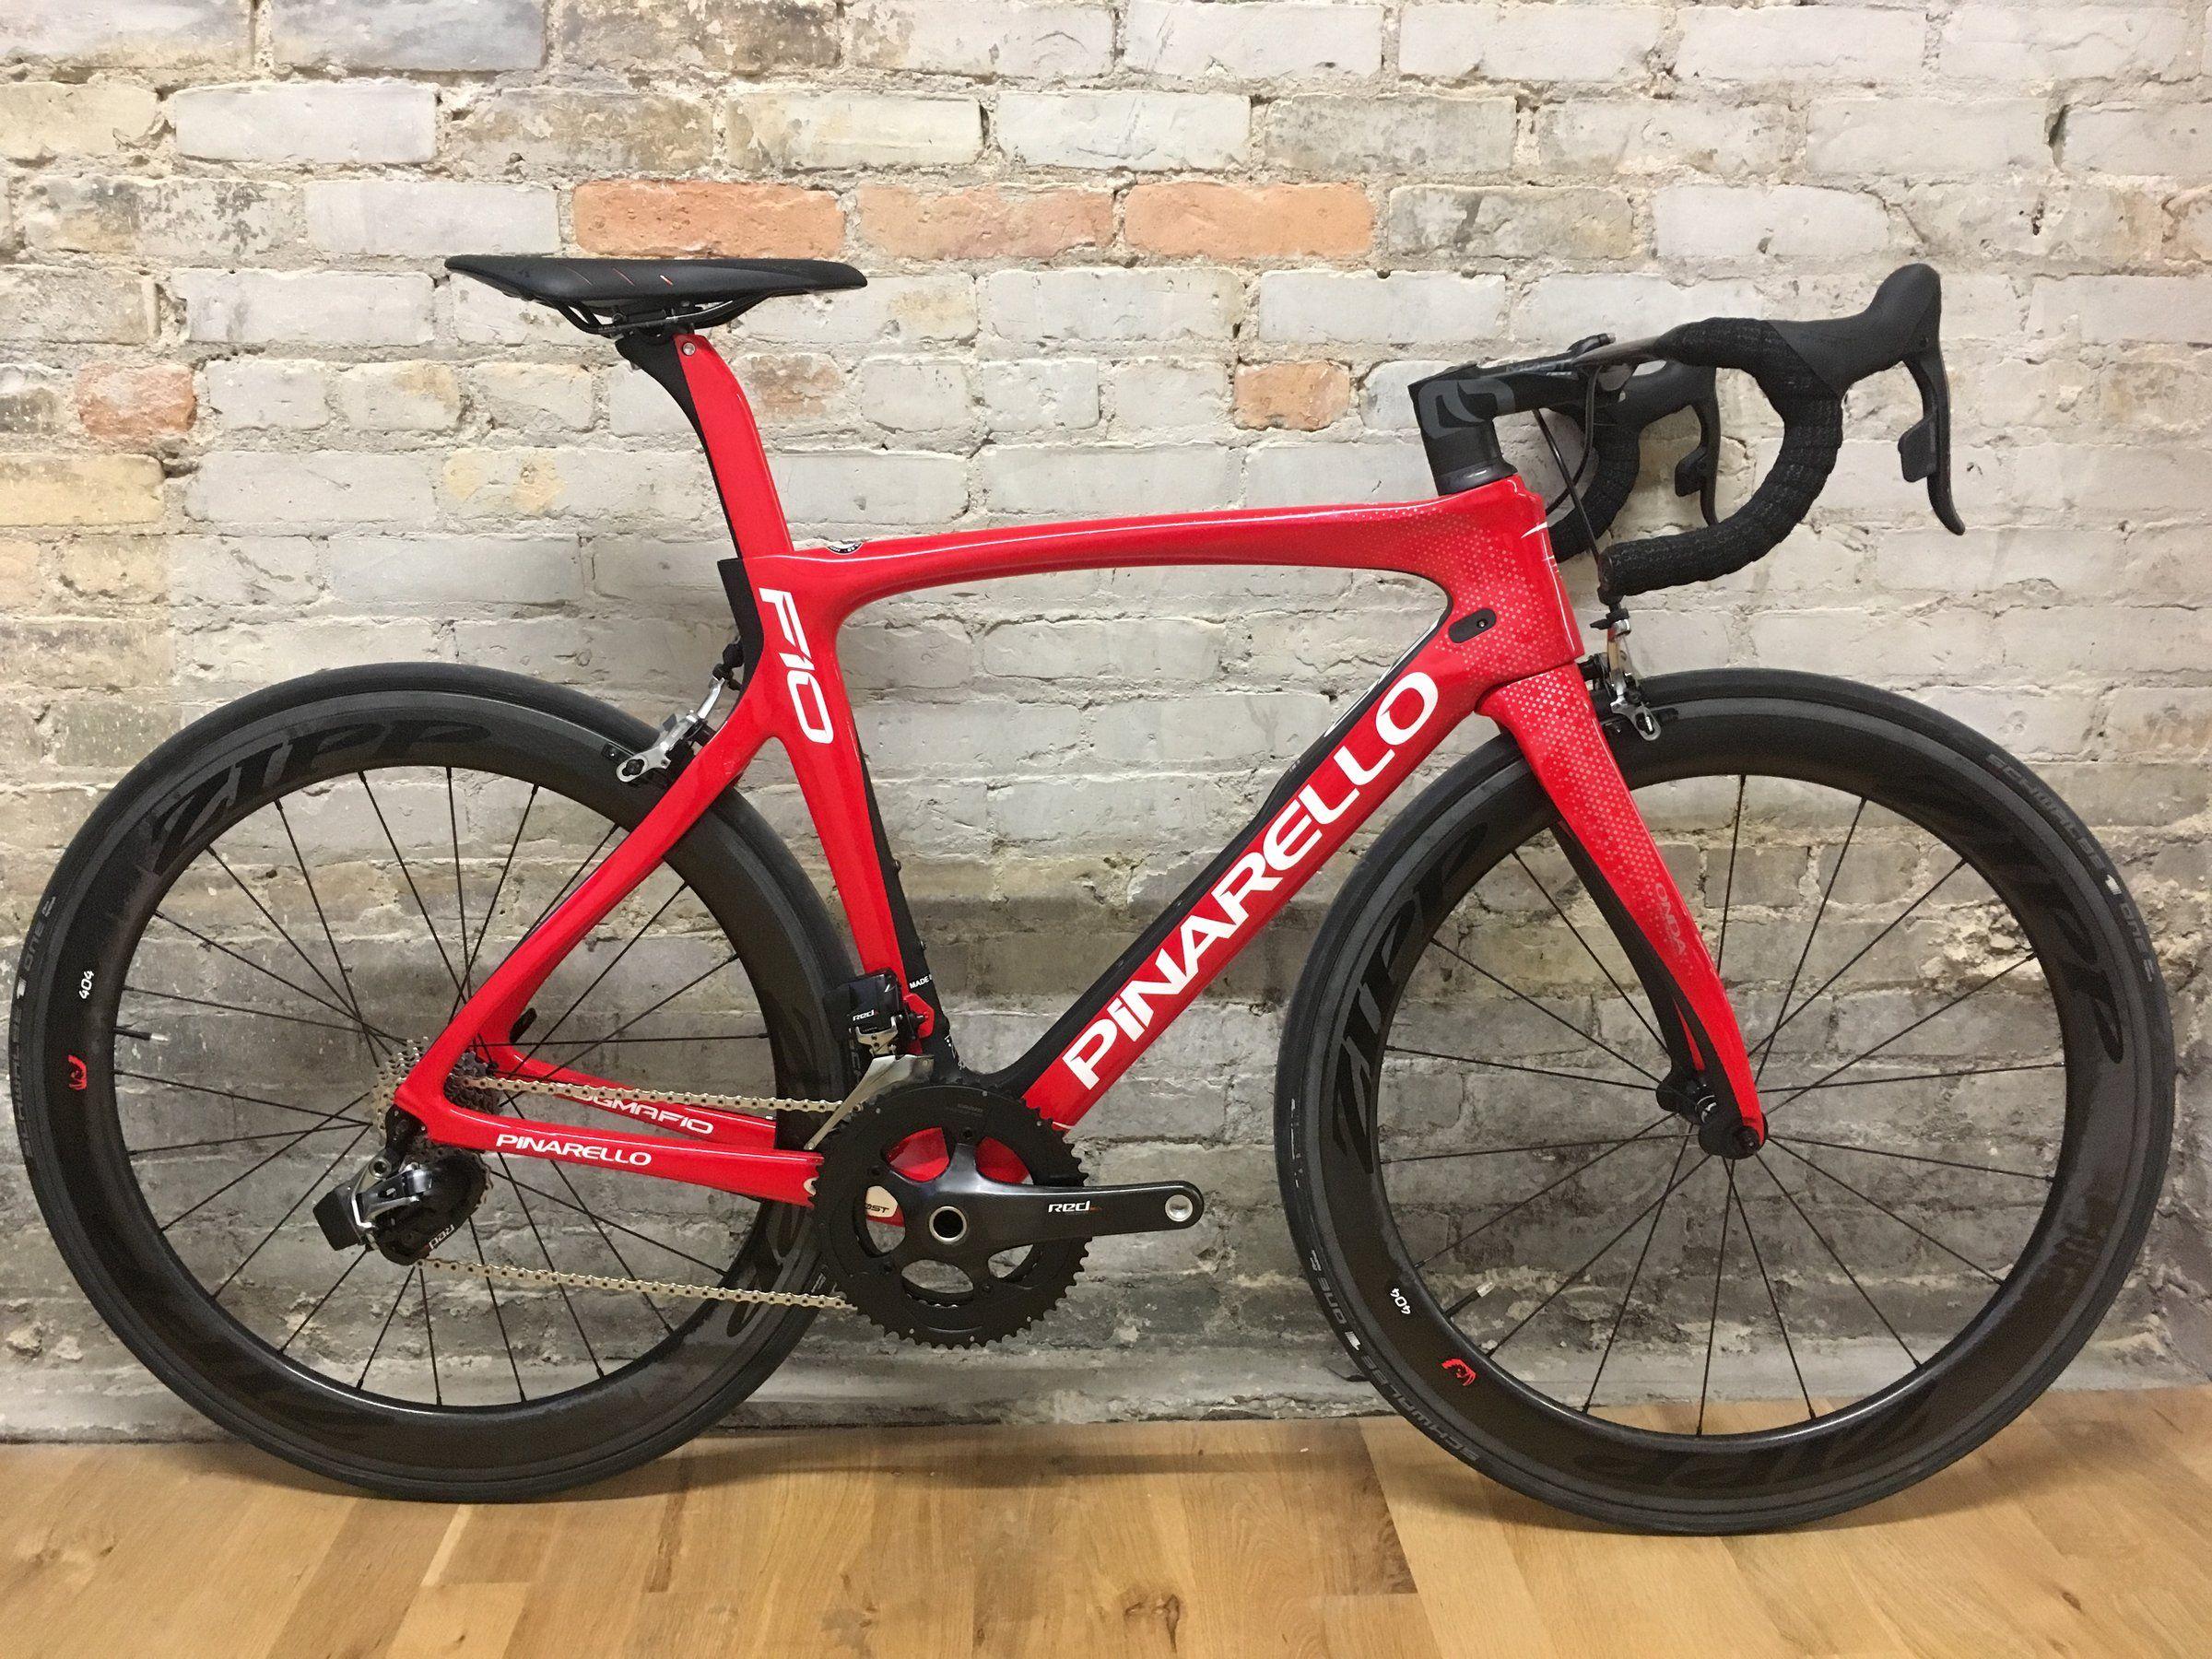 Pin De Thunder Em Road Bike Bikes Personalizadas Ciclismo